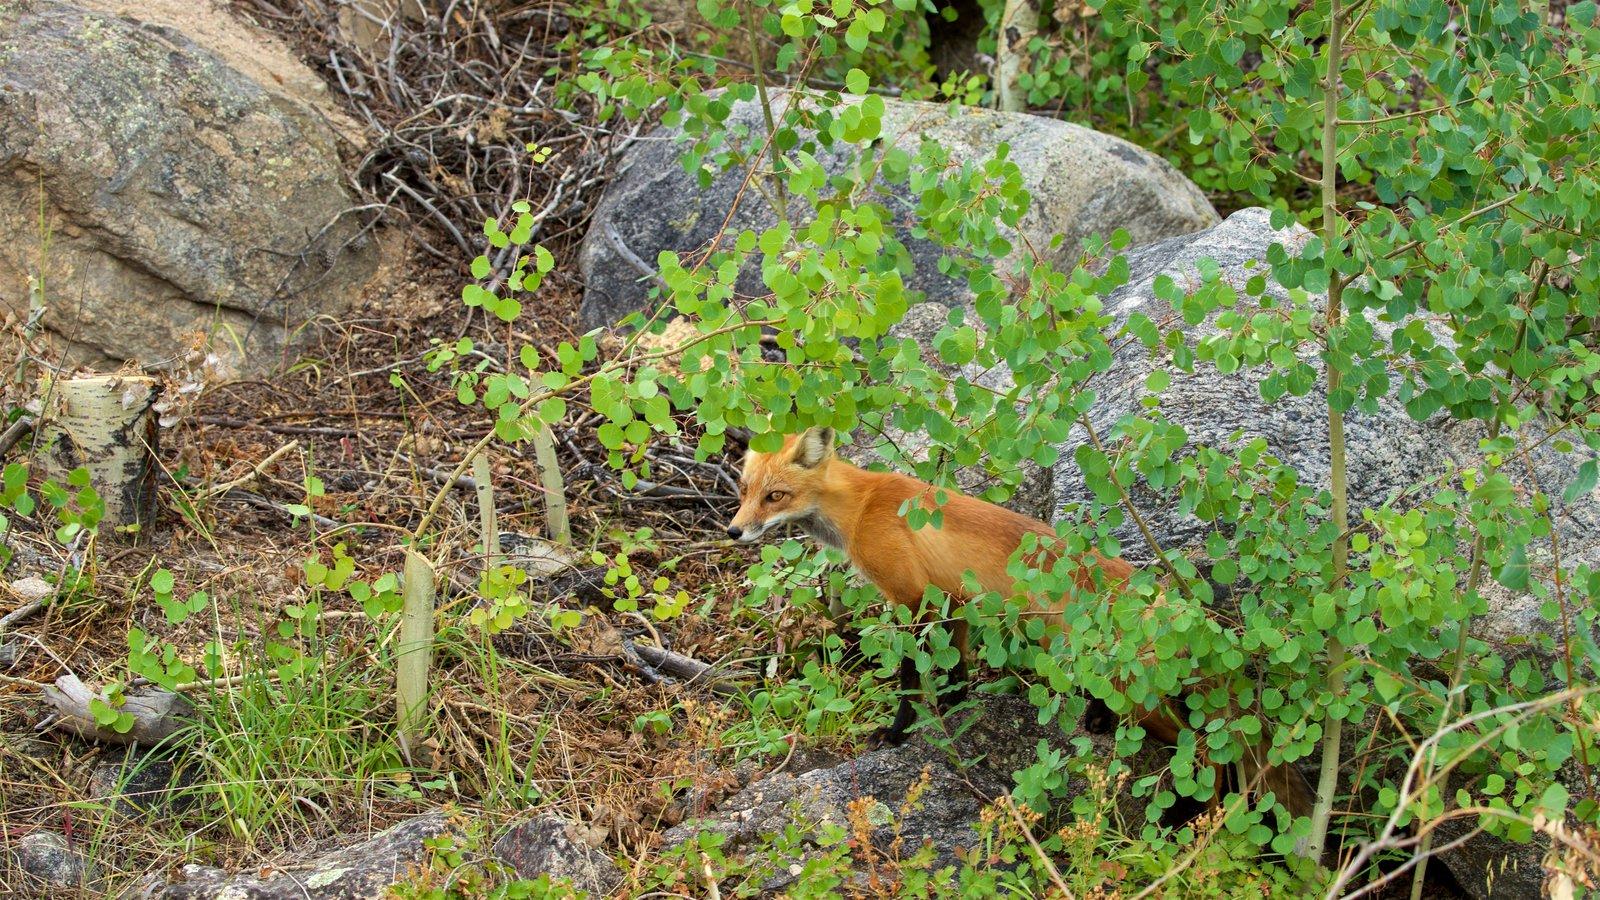 Rocky Mountain National Park caracterizando animais terrestres